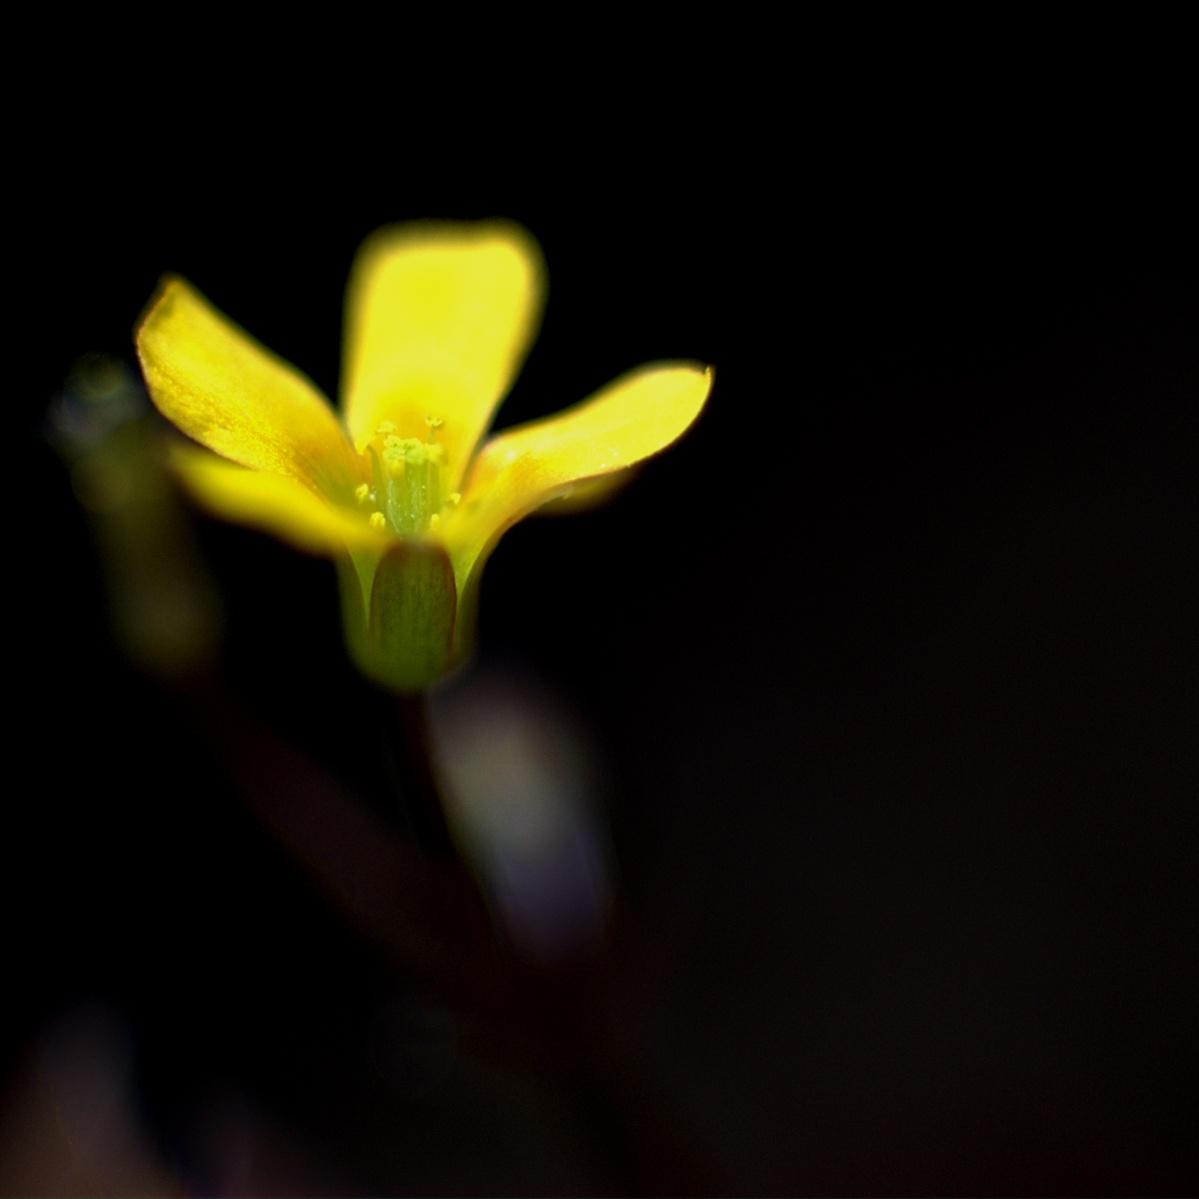 Kleines gelbes Blümchen ganz groß